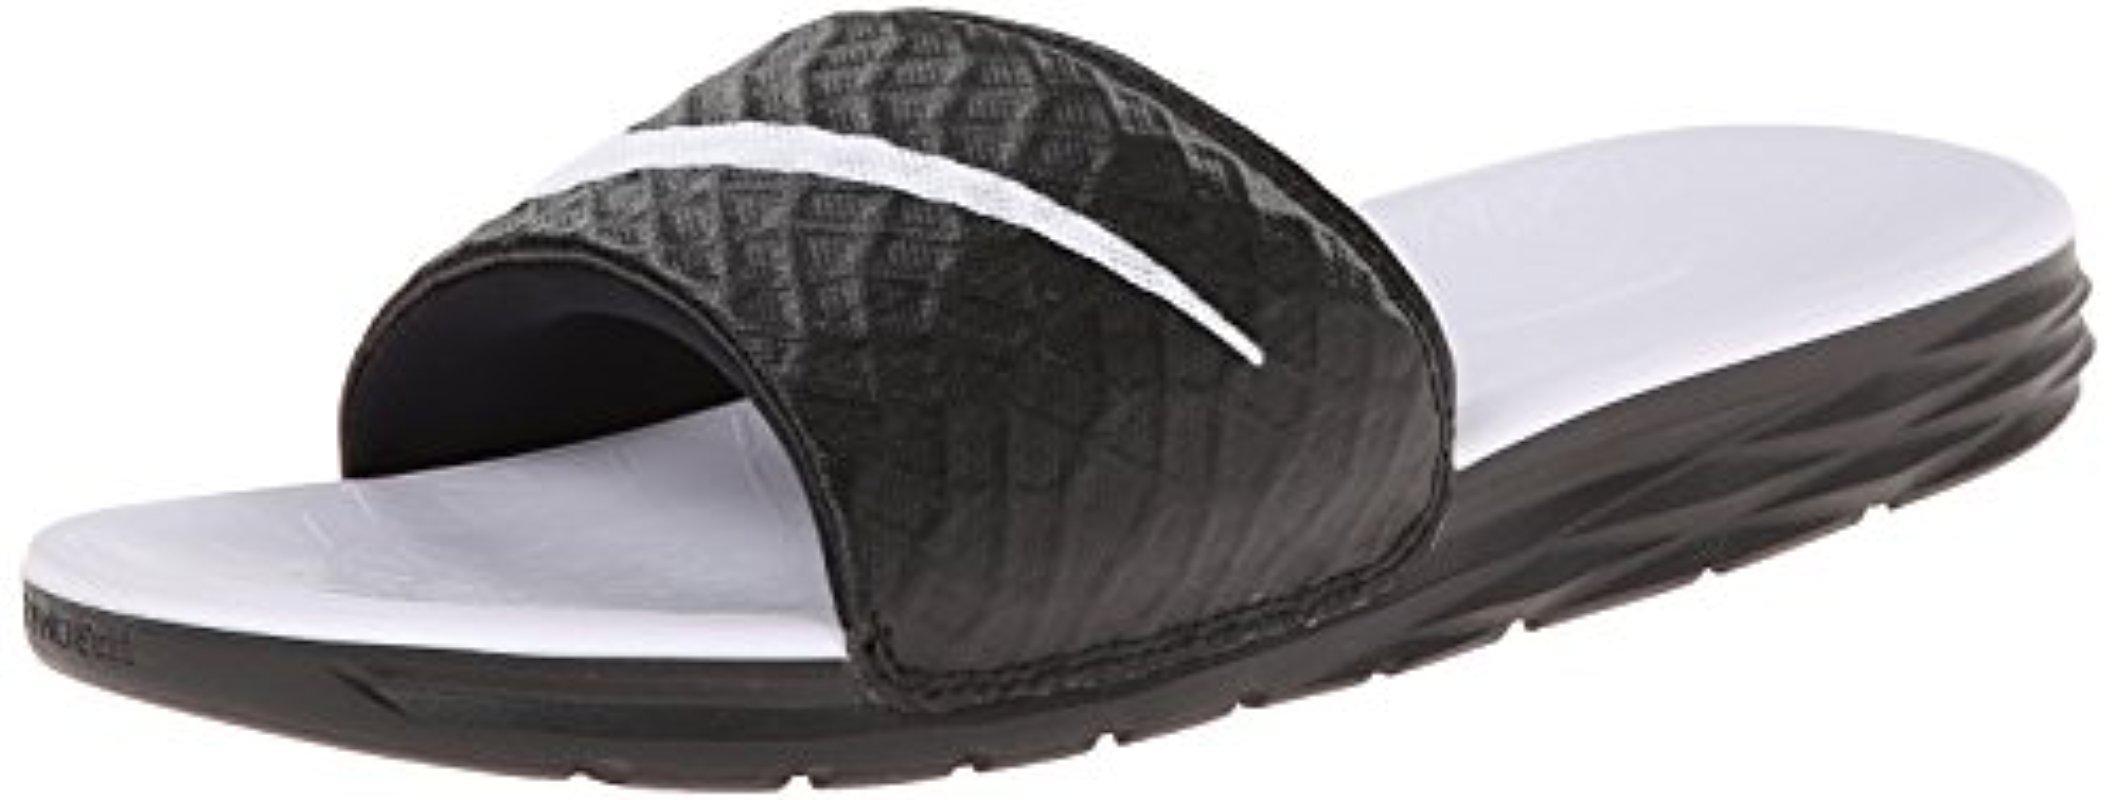 9adc51471 Lyst - Nike Benassi Solarsoft Black white Sandal 9 Women Us in Black ...